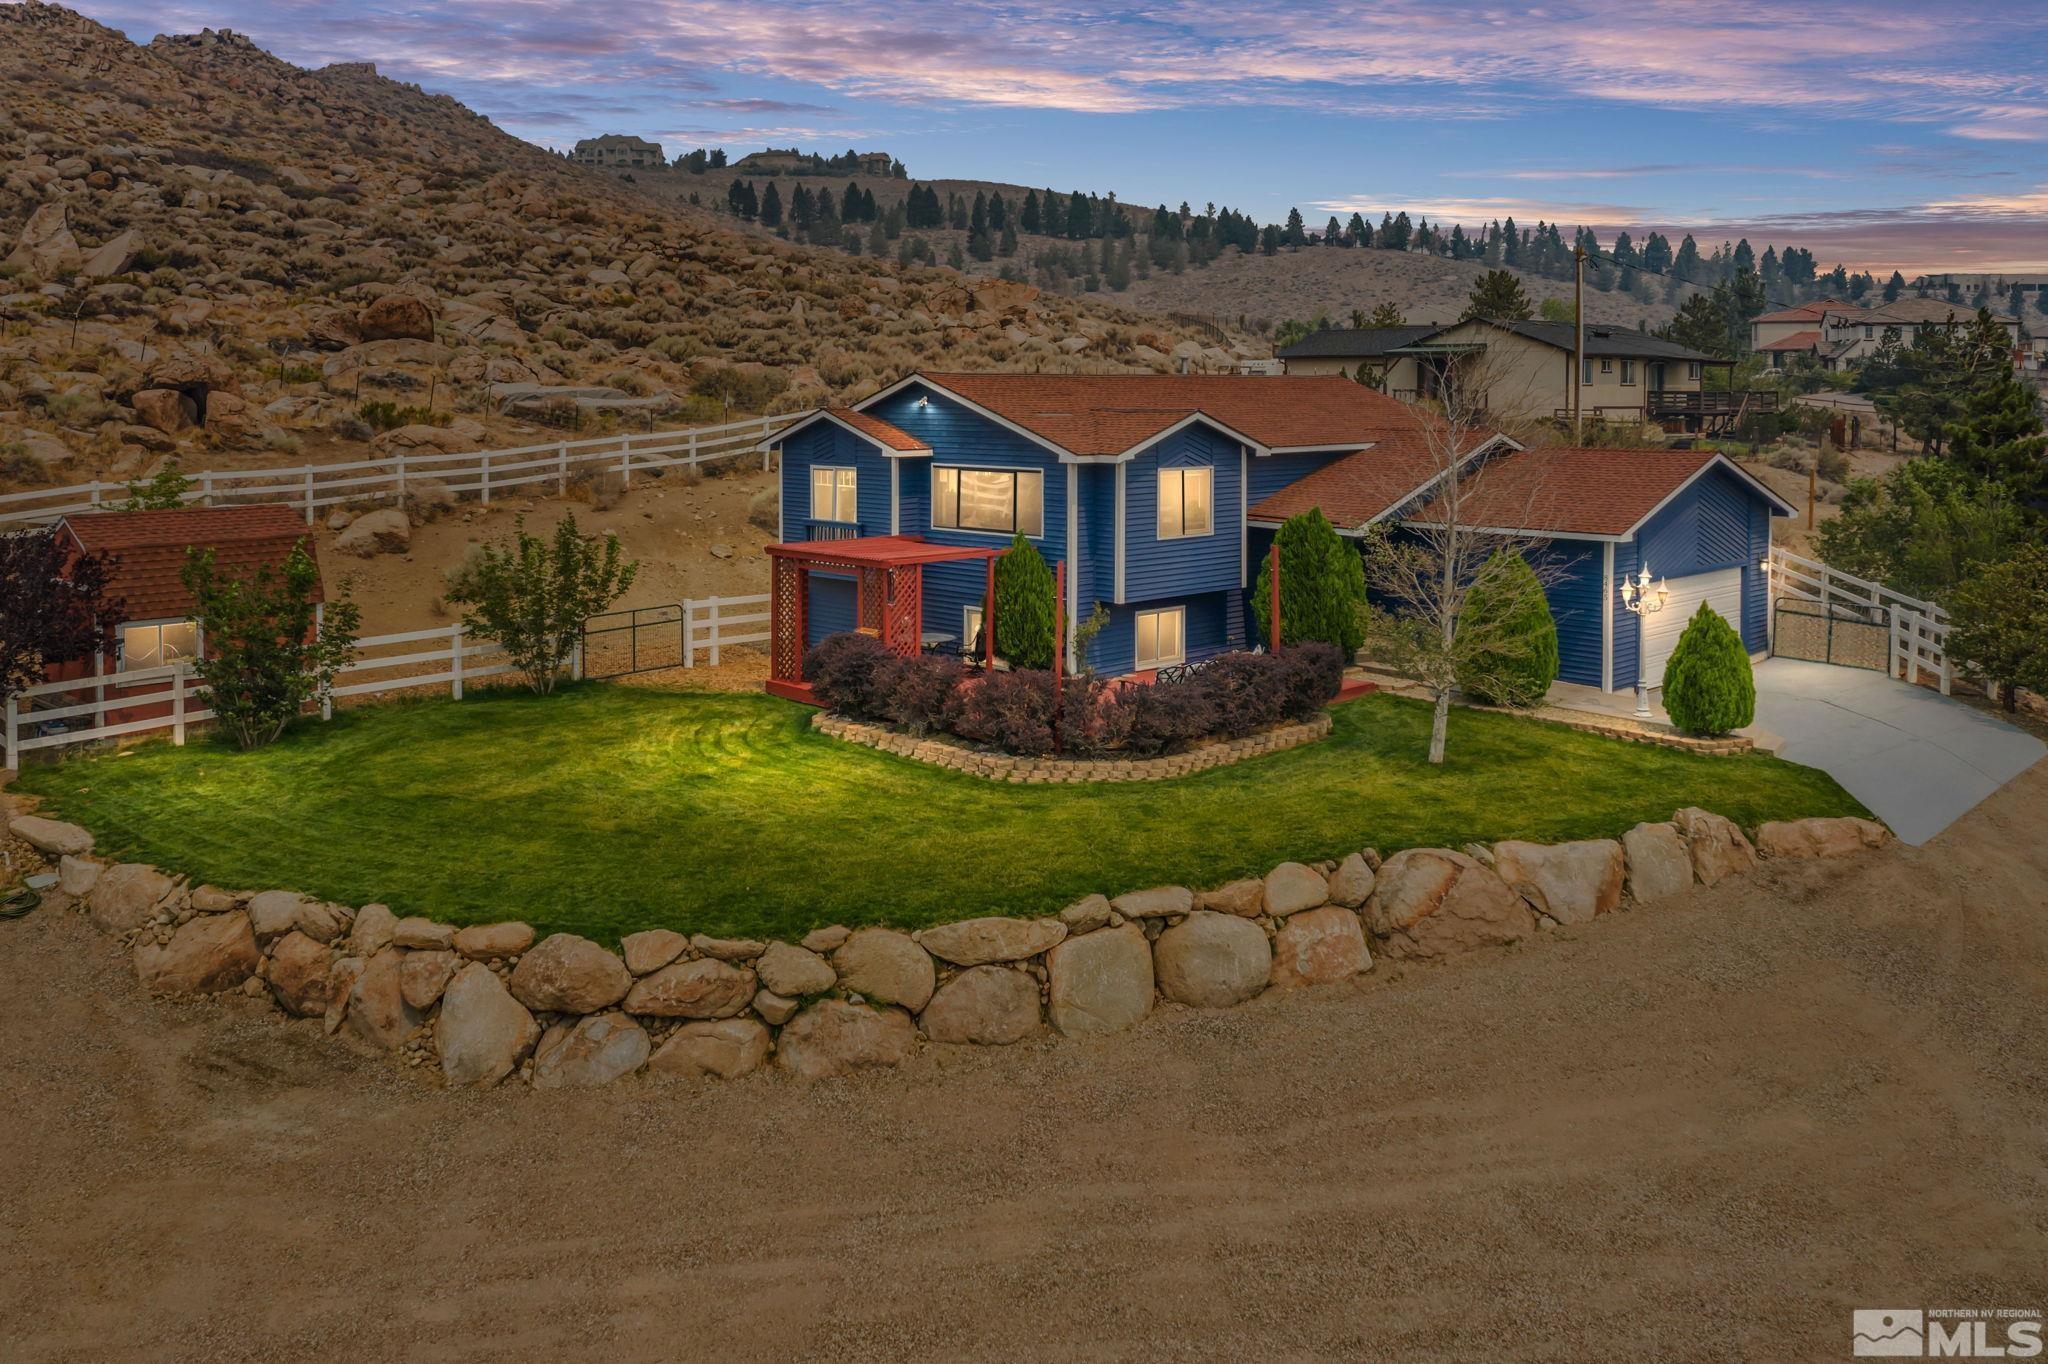 Image for 8465 Doretta Lane, Reno, NV 89523